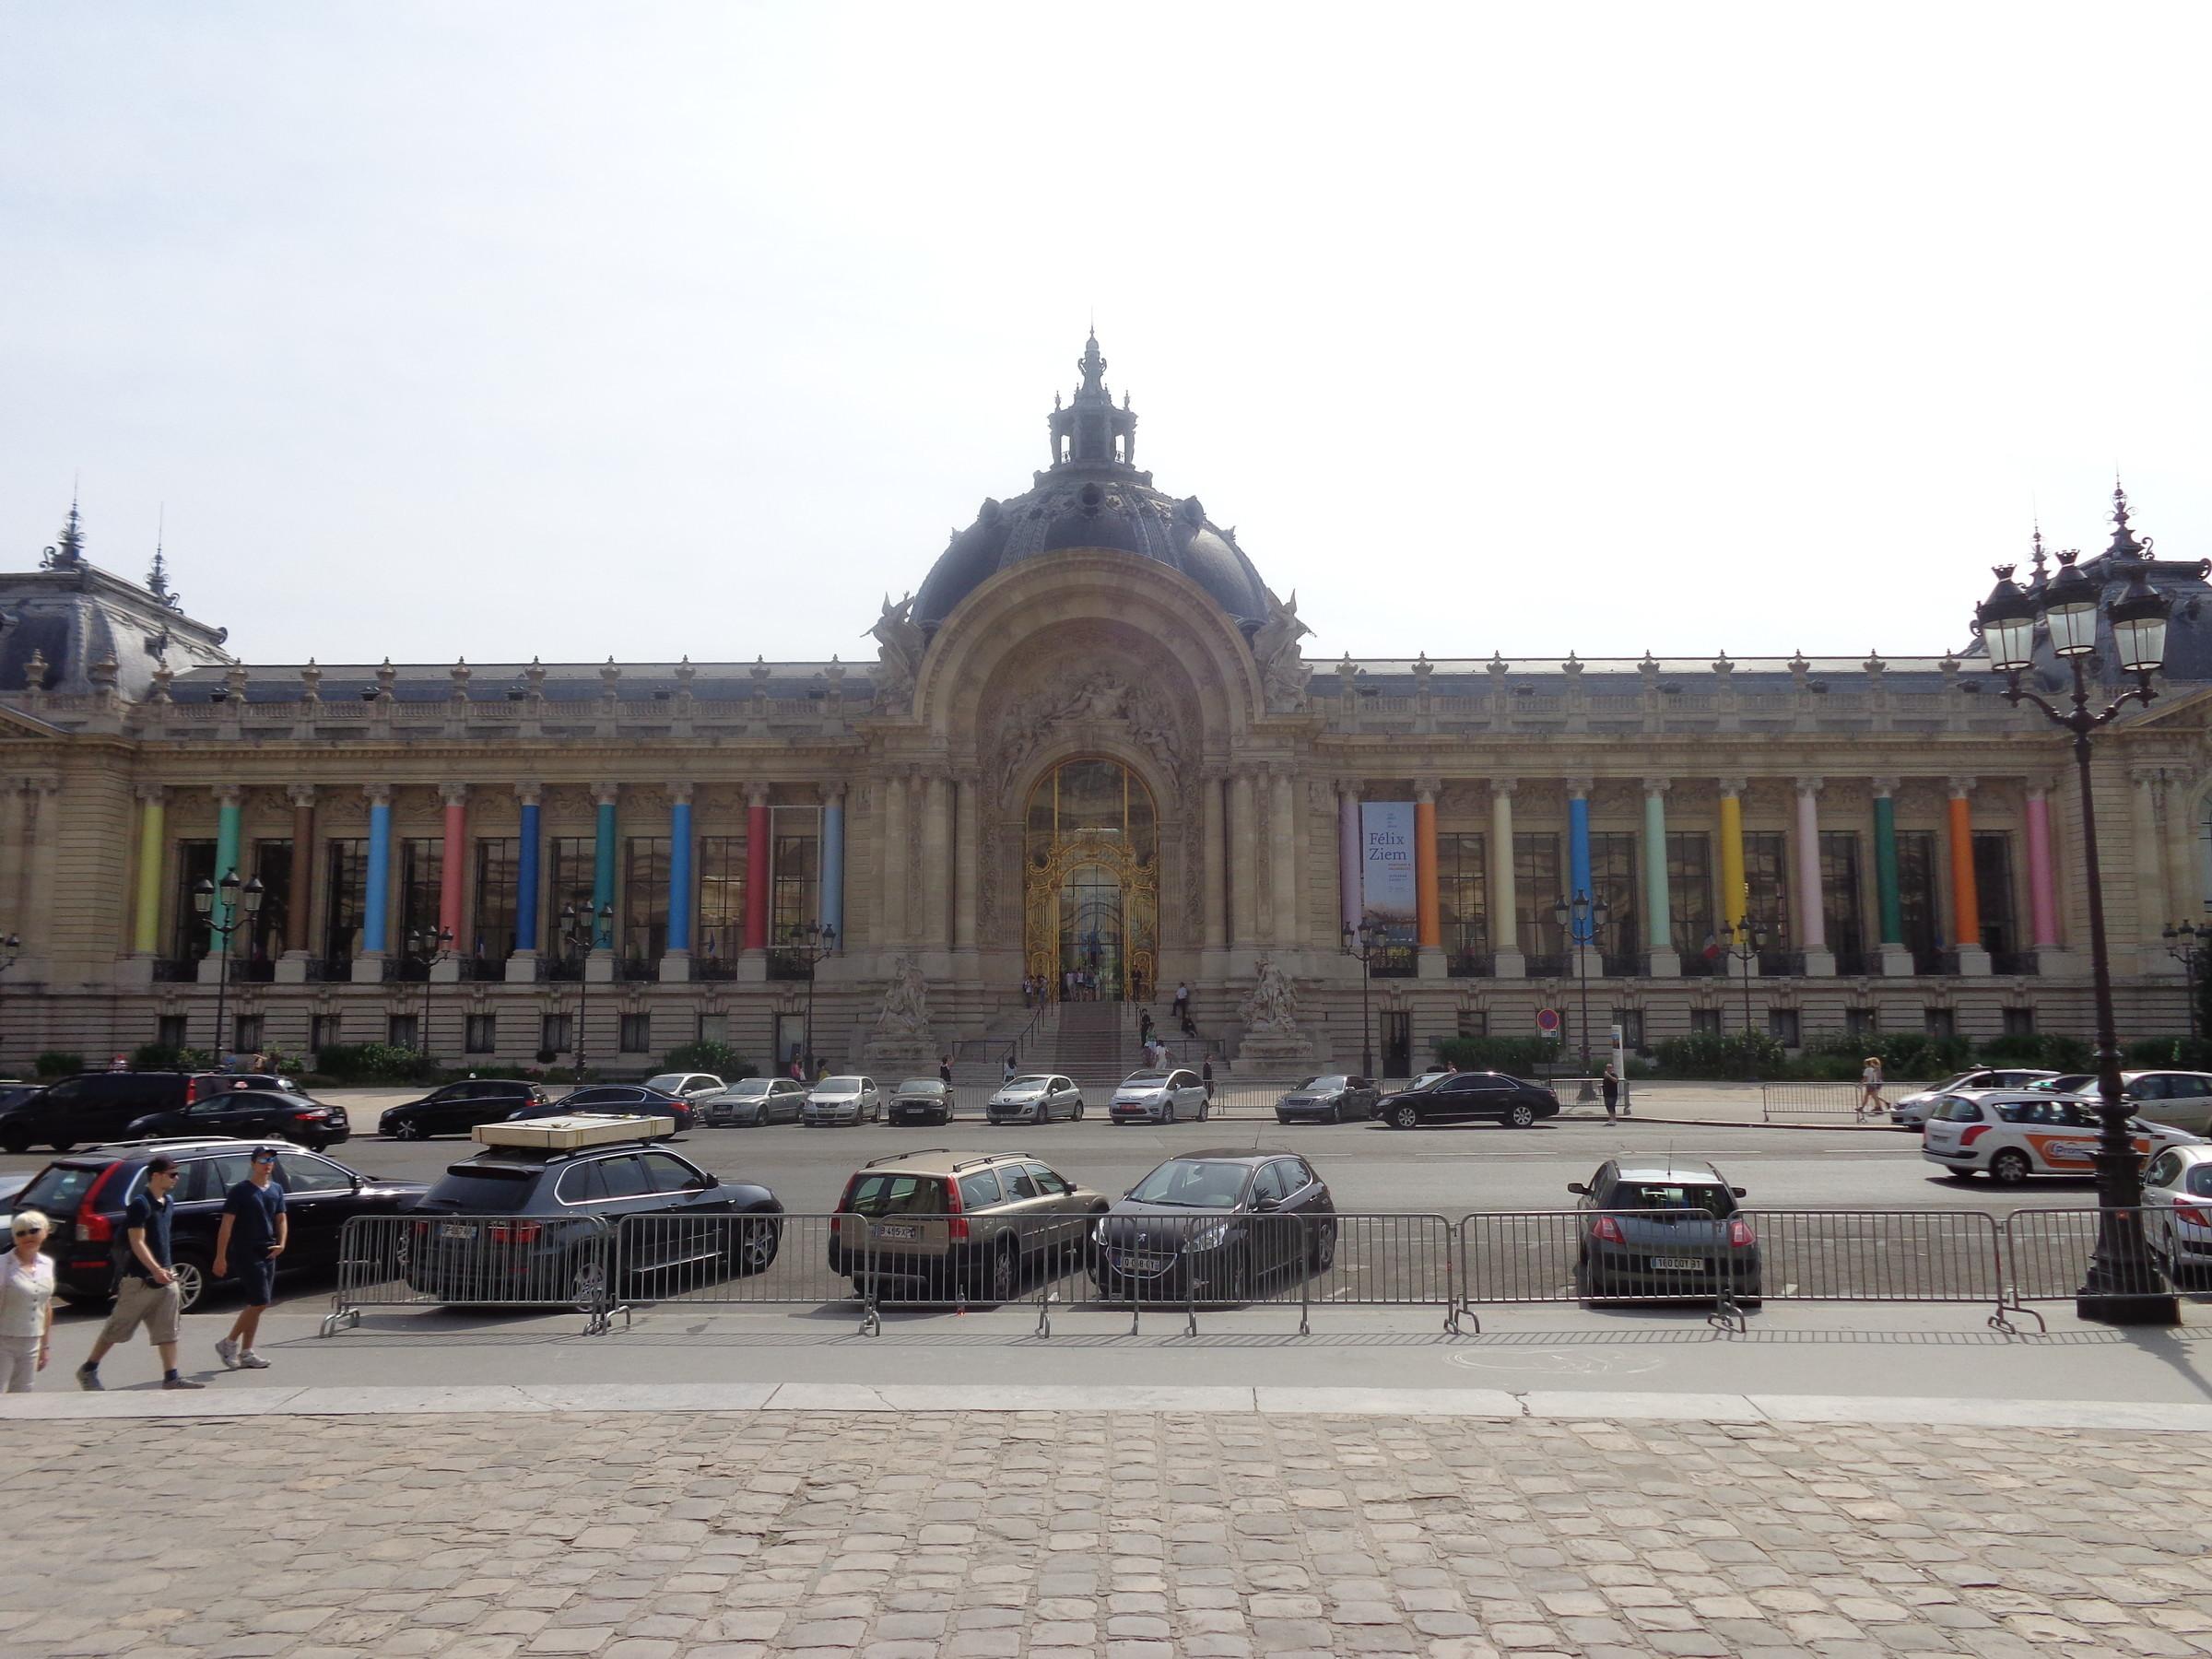 Малый дворец в котором размещены коллекции картин художников XIX-XX веков, а так-же картины и рисунки художников более ранних веков, предметы античного периода., Париж